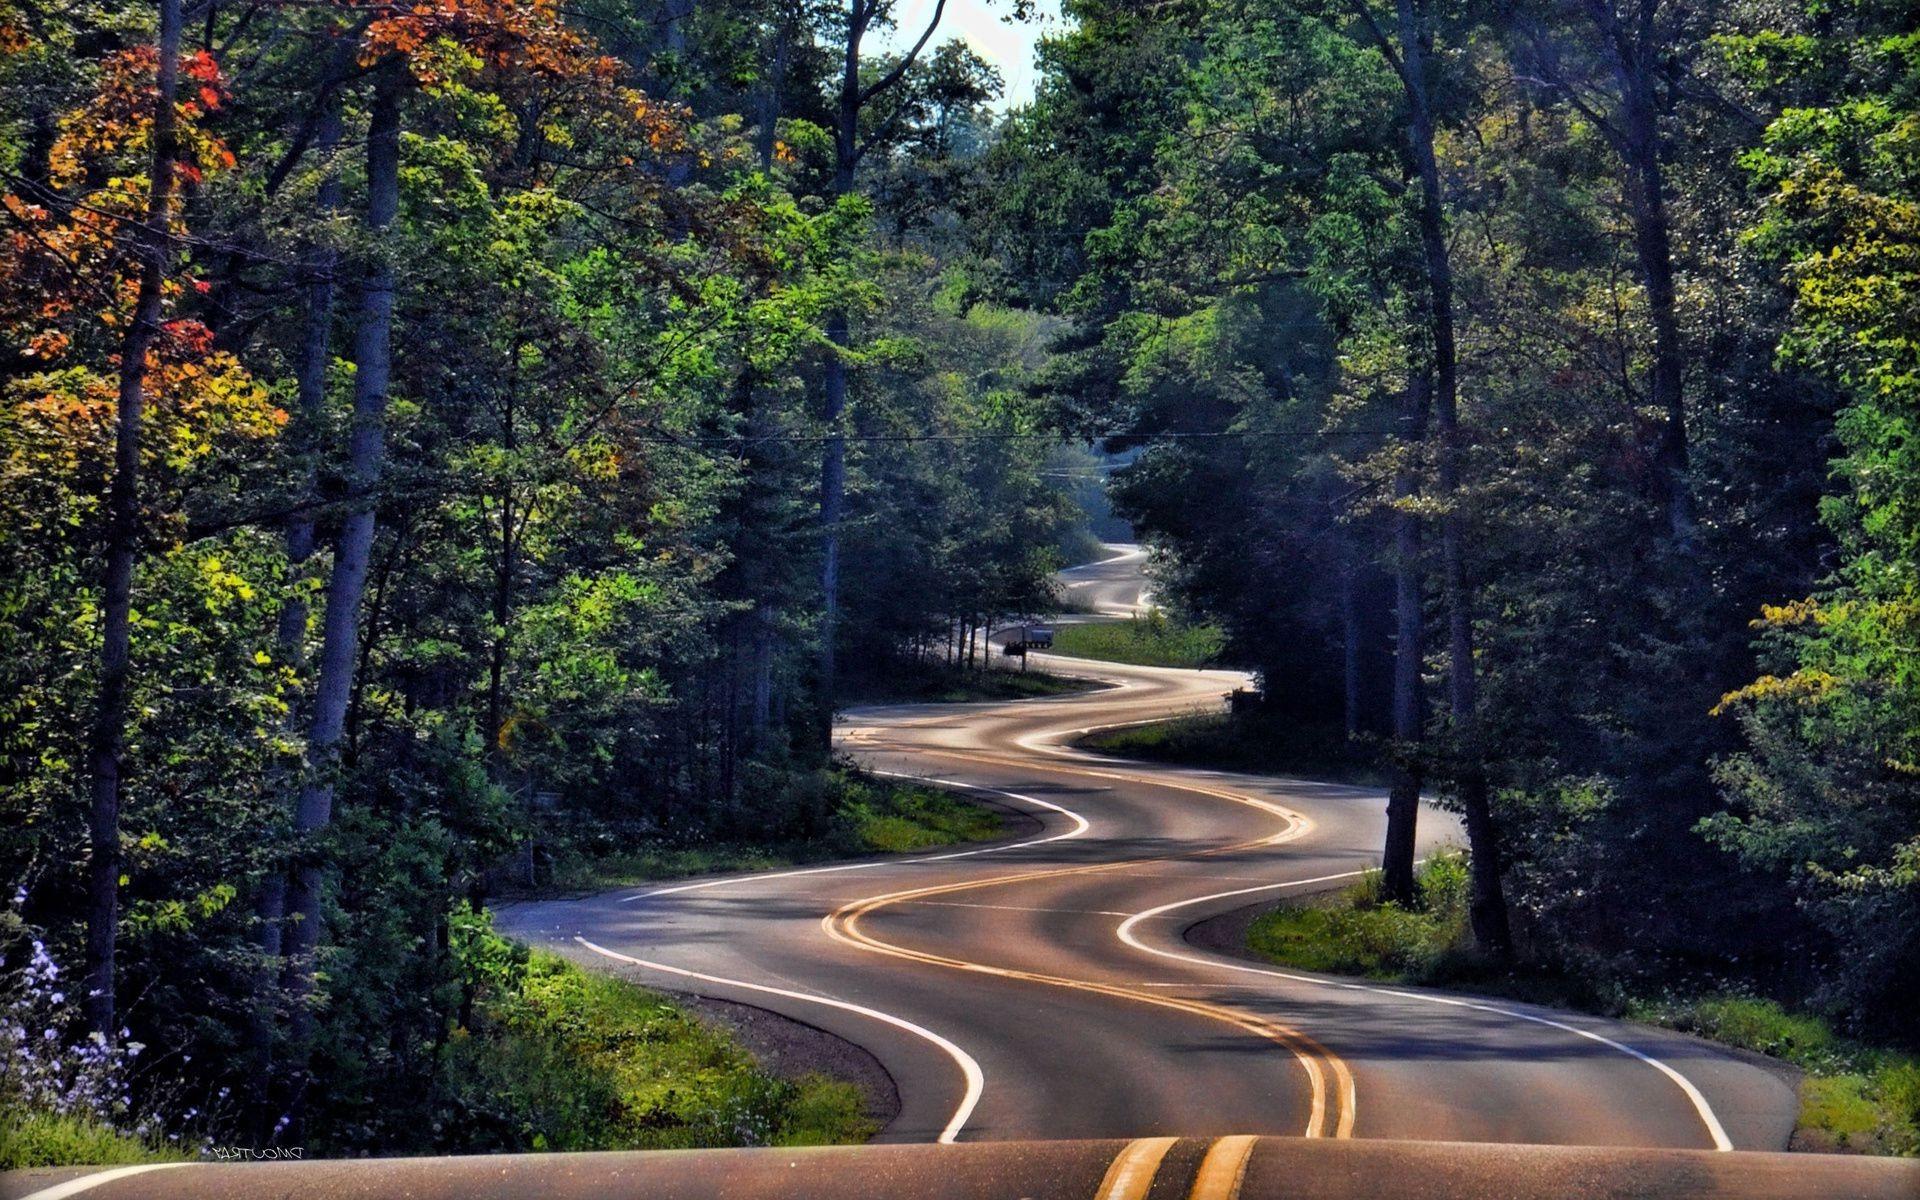 дорога лес road forest бесплатно